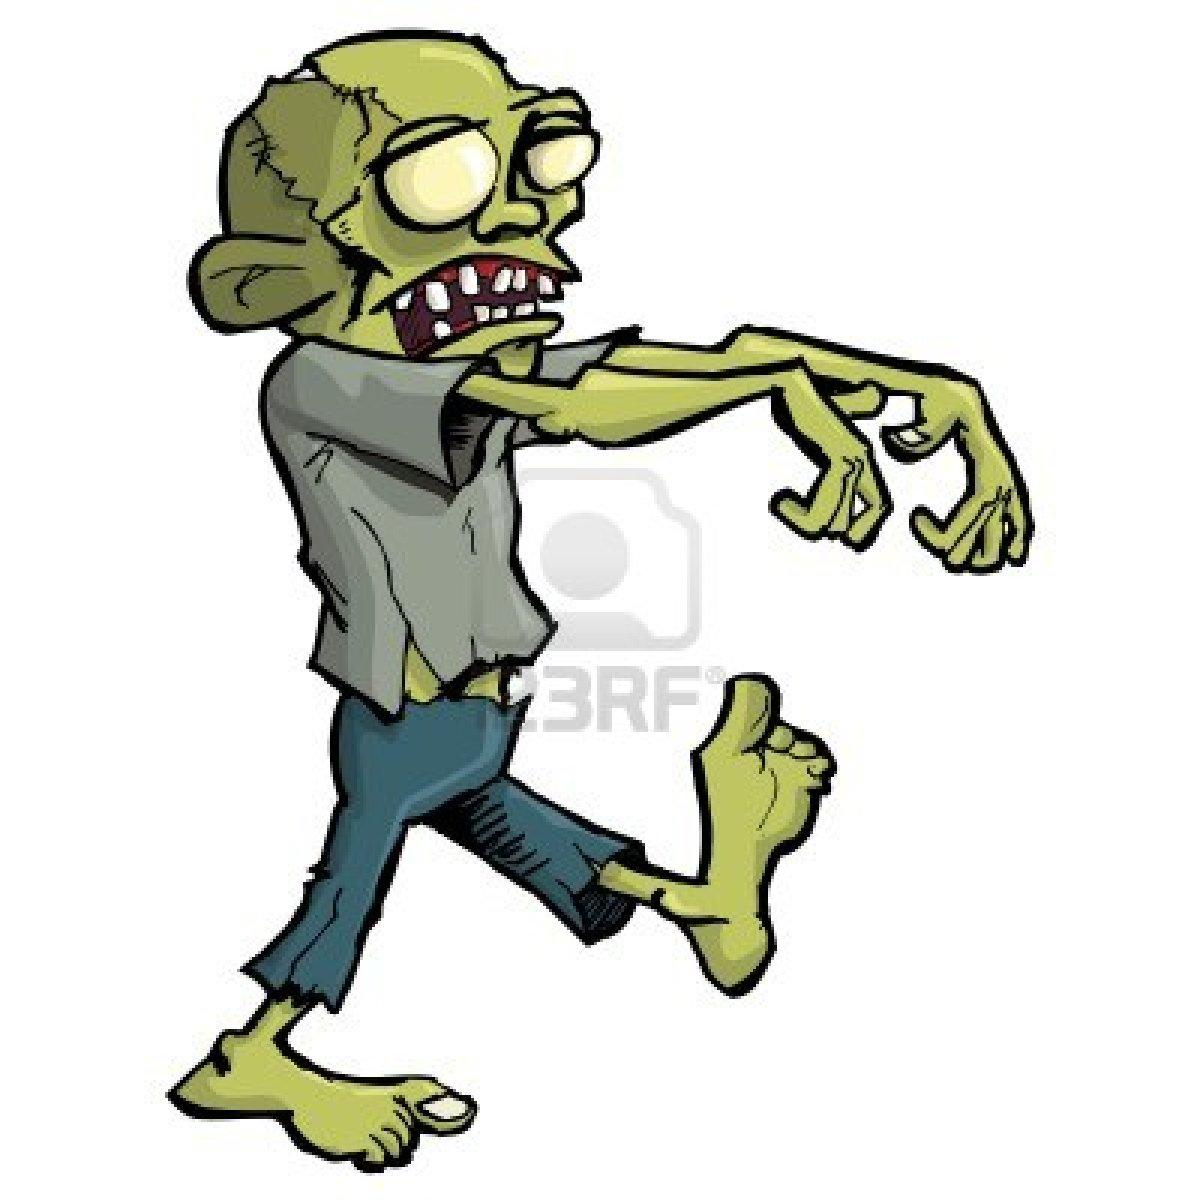 zombie images clip art - photo #22